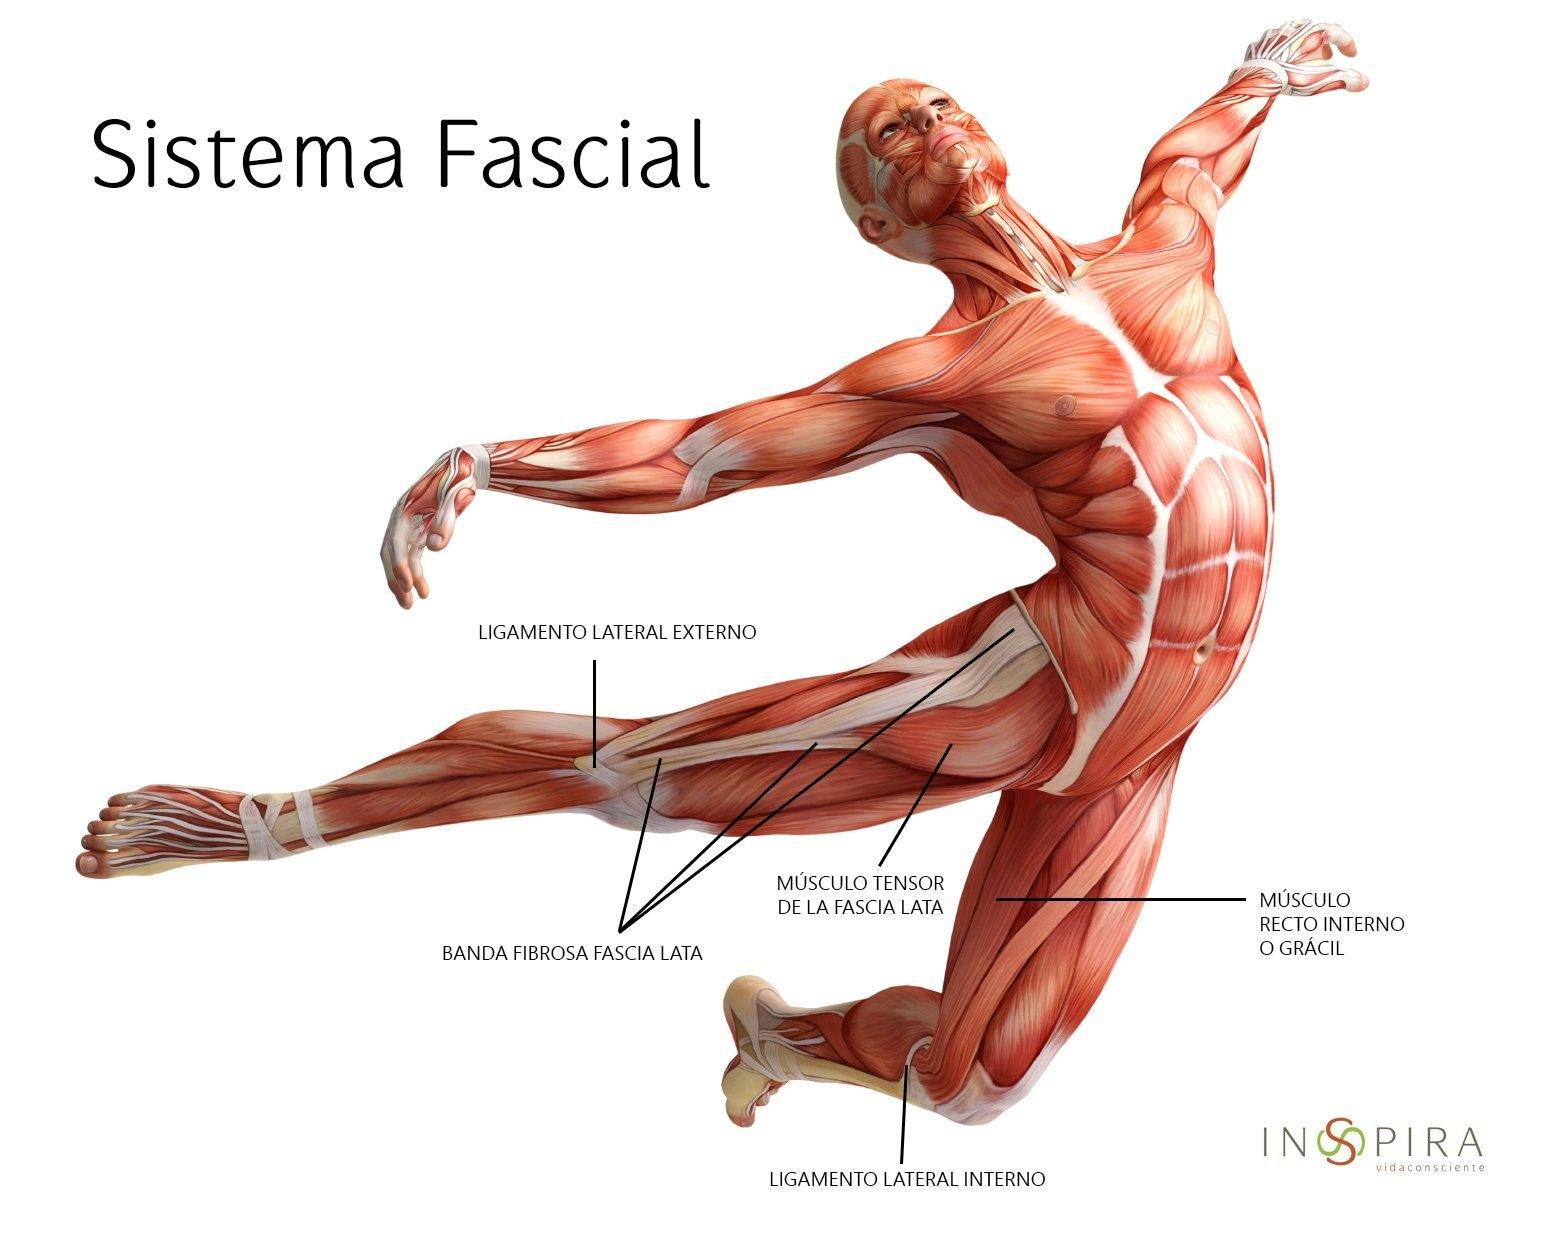 Sistema Fascial